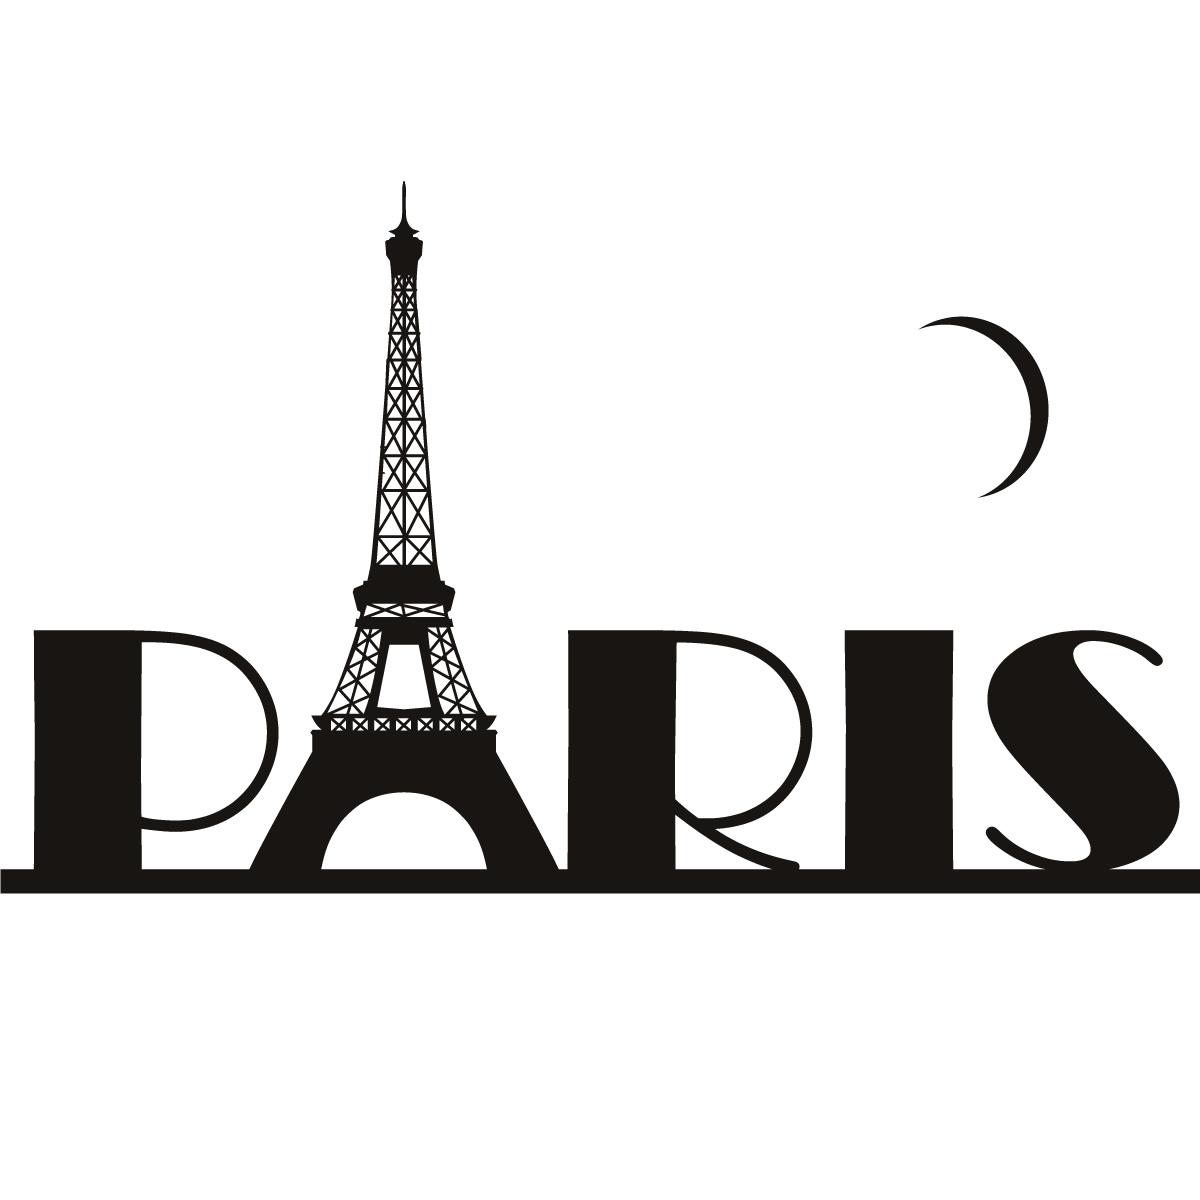 Paris Eiffel Tower France Wall Art Sticker Wall Decal